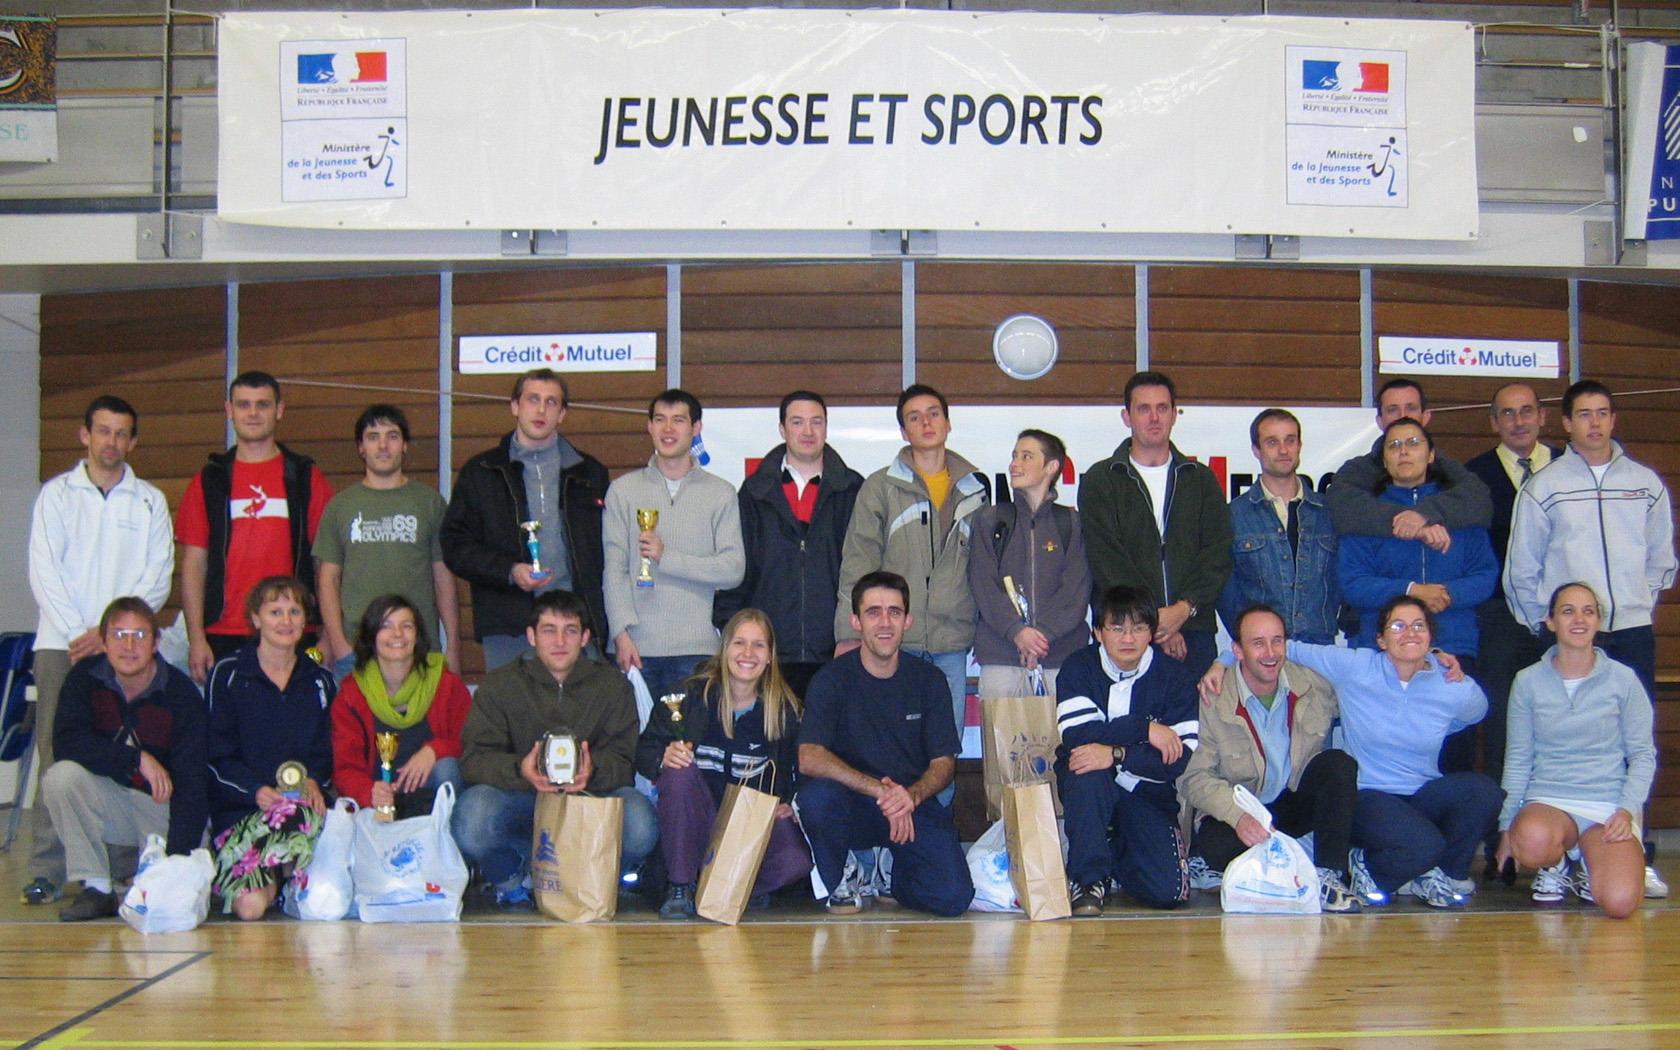 Tournoi_Mendes_11-2004_(4).JPG